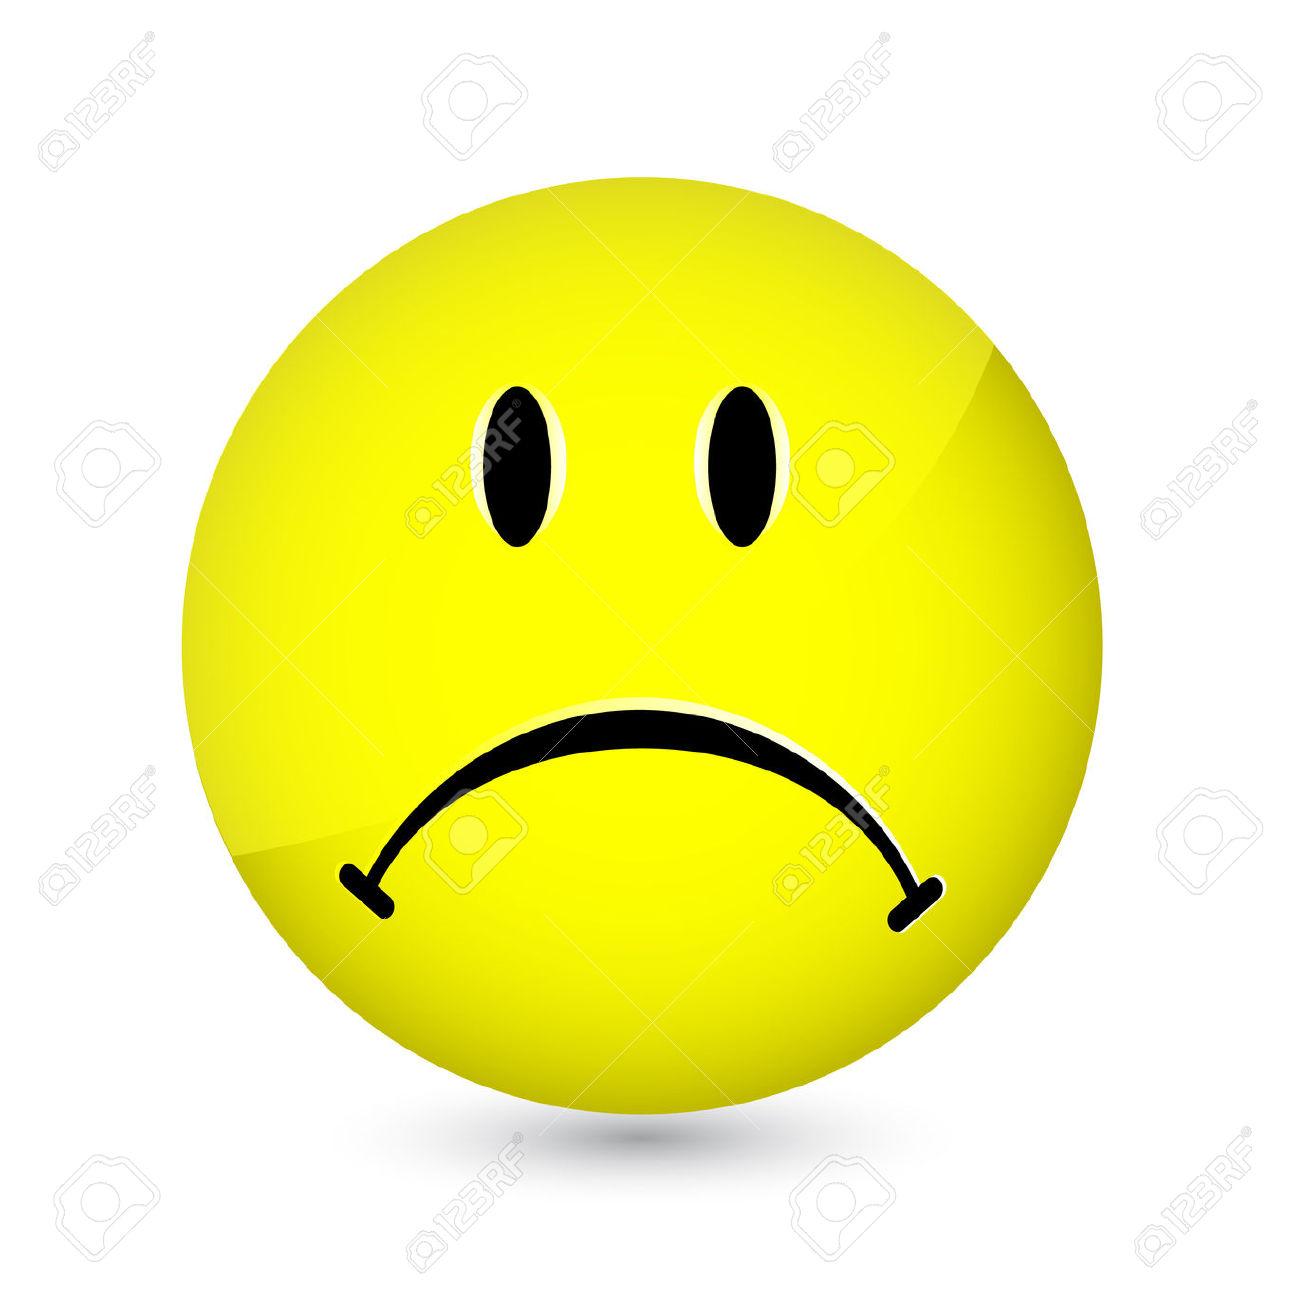 1300x1300 Sad Face Photos Collection